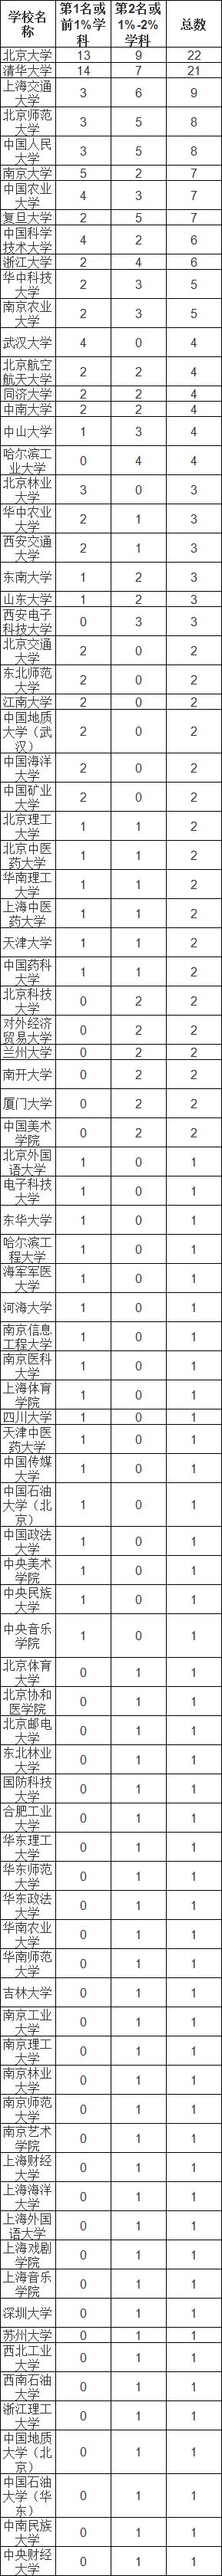 2019中国最好学科排名:清北领先,你的专业上榜了吗?